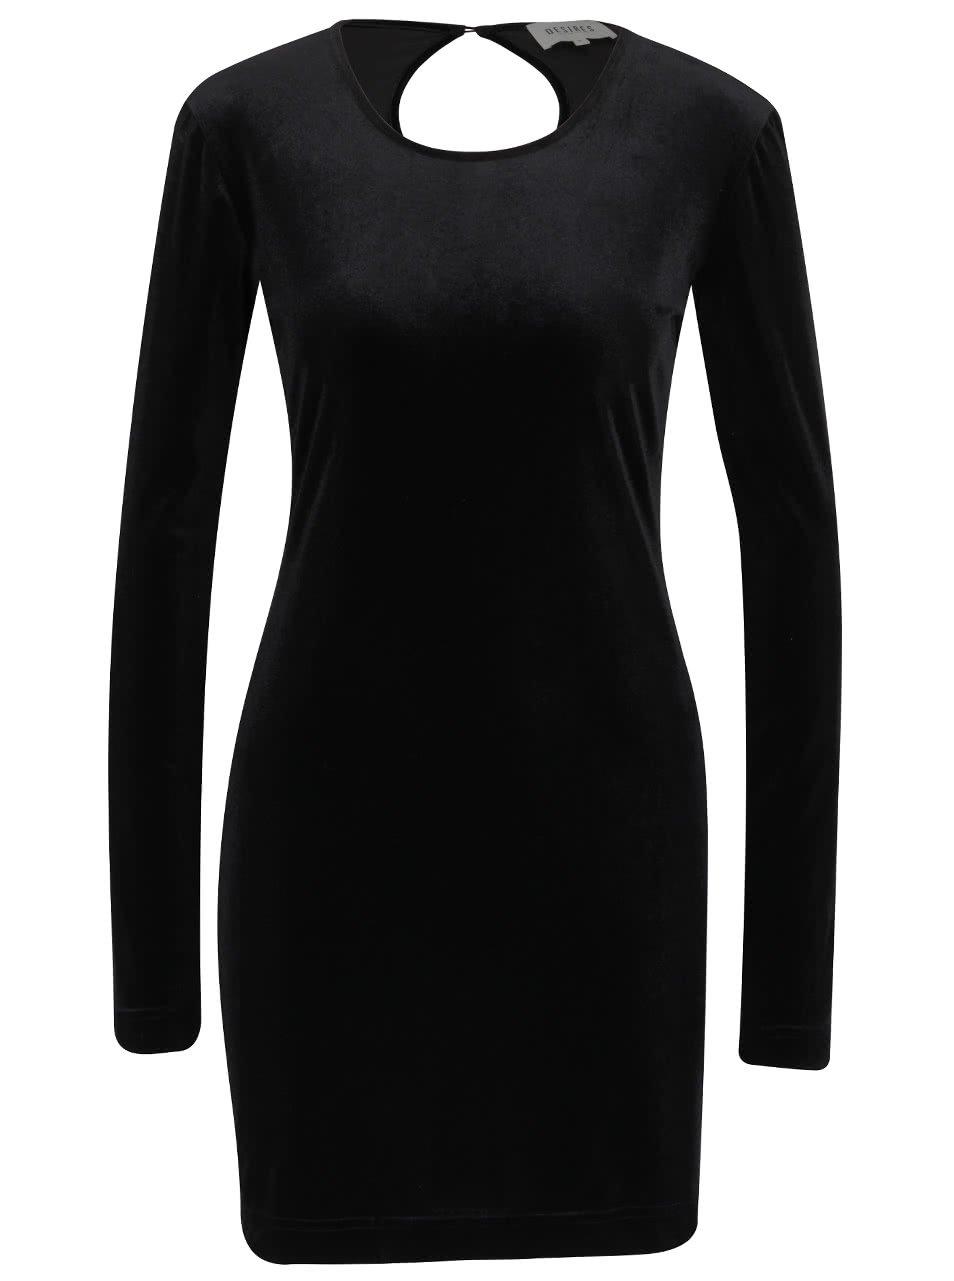 Černé sametové šaty s dolouhým rukávem Desires Gila